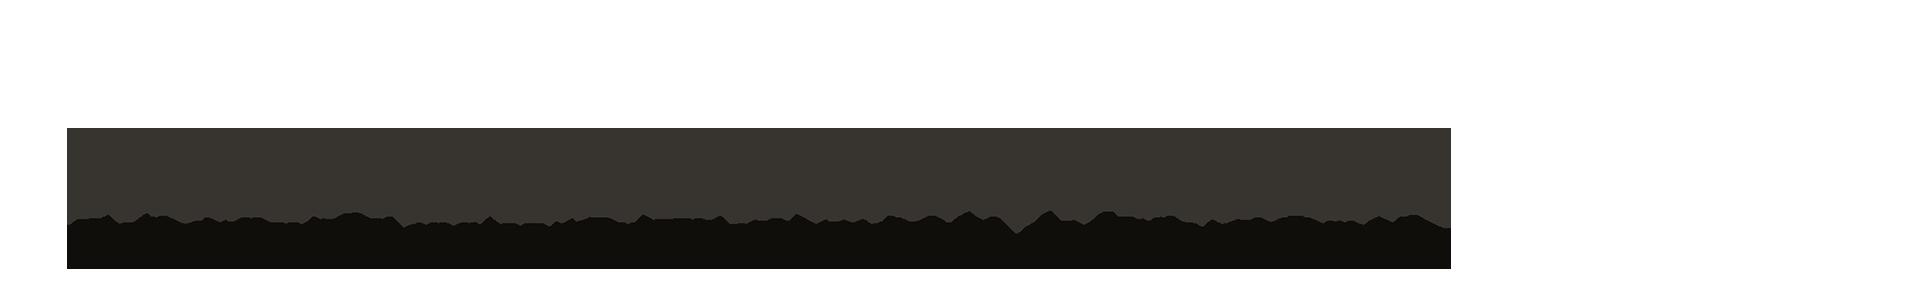 北京金興恒通建材有限公司甯夏分公司